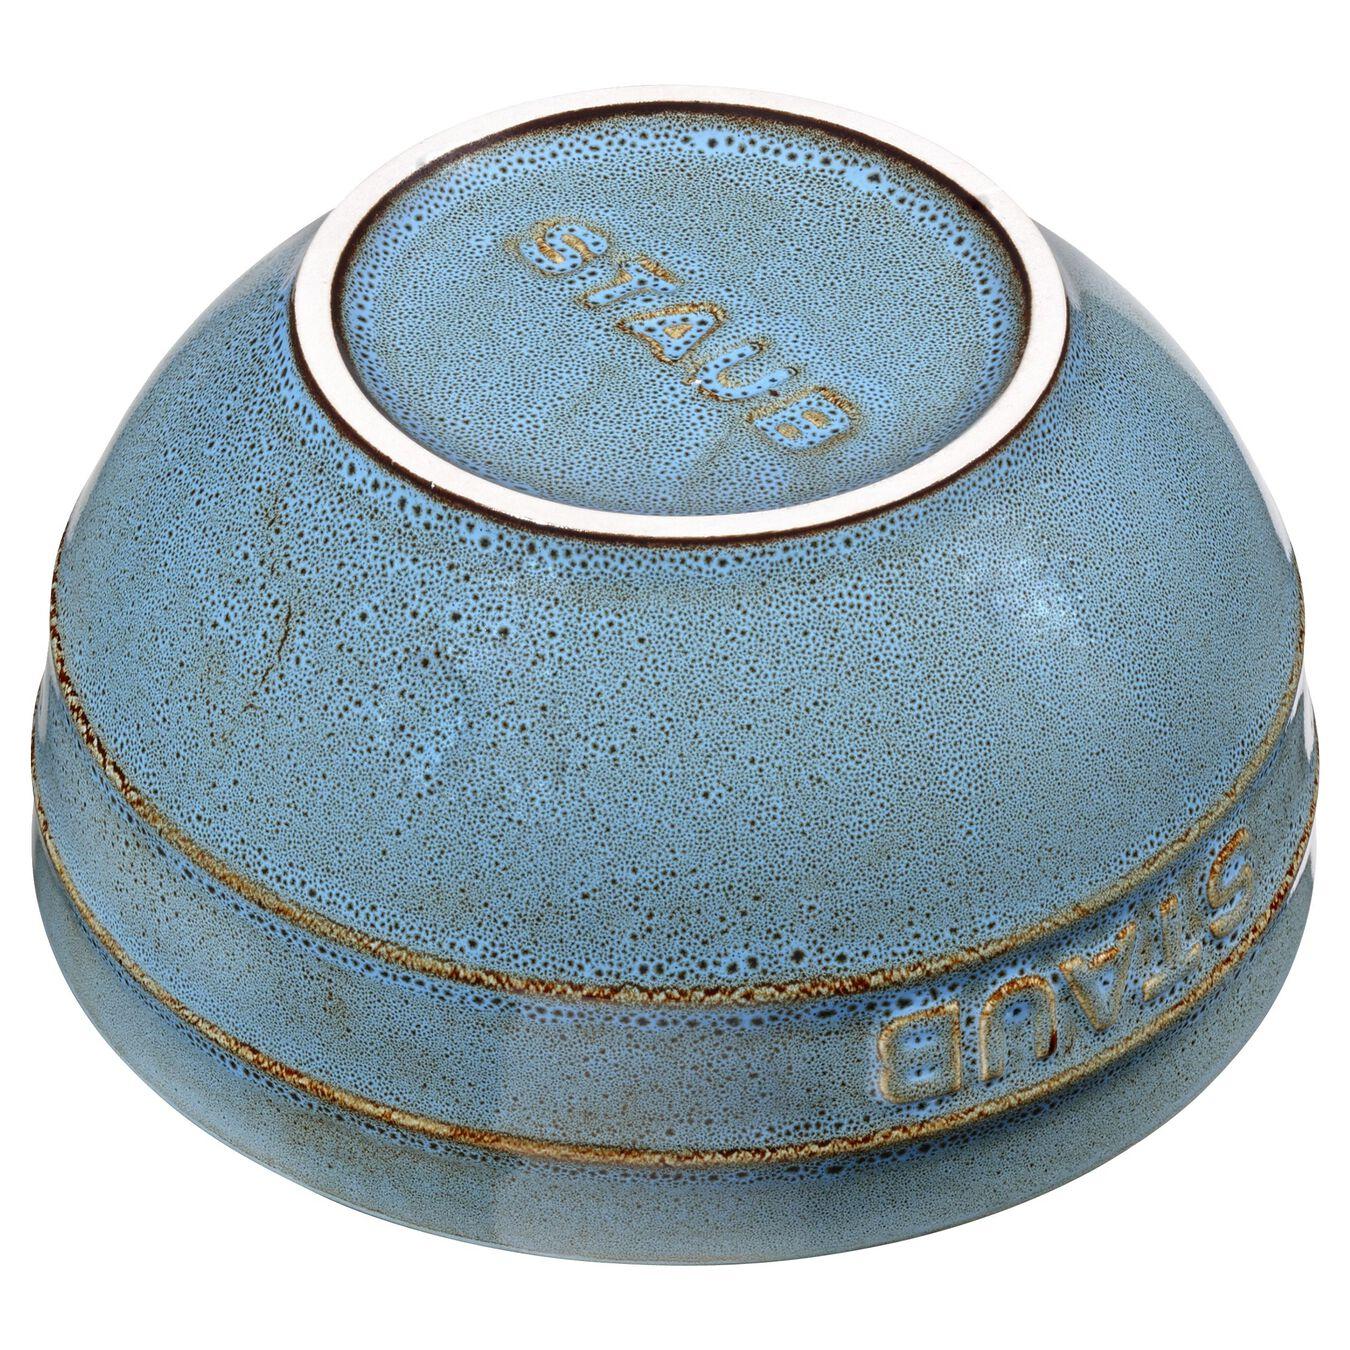 17 cm Ceramic round Bol, Ancient-Turquoise,,large 2